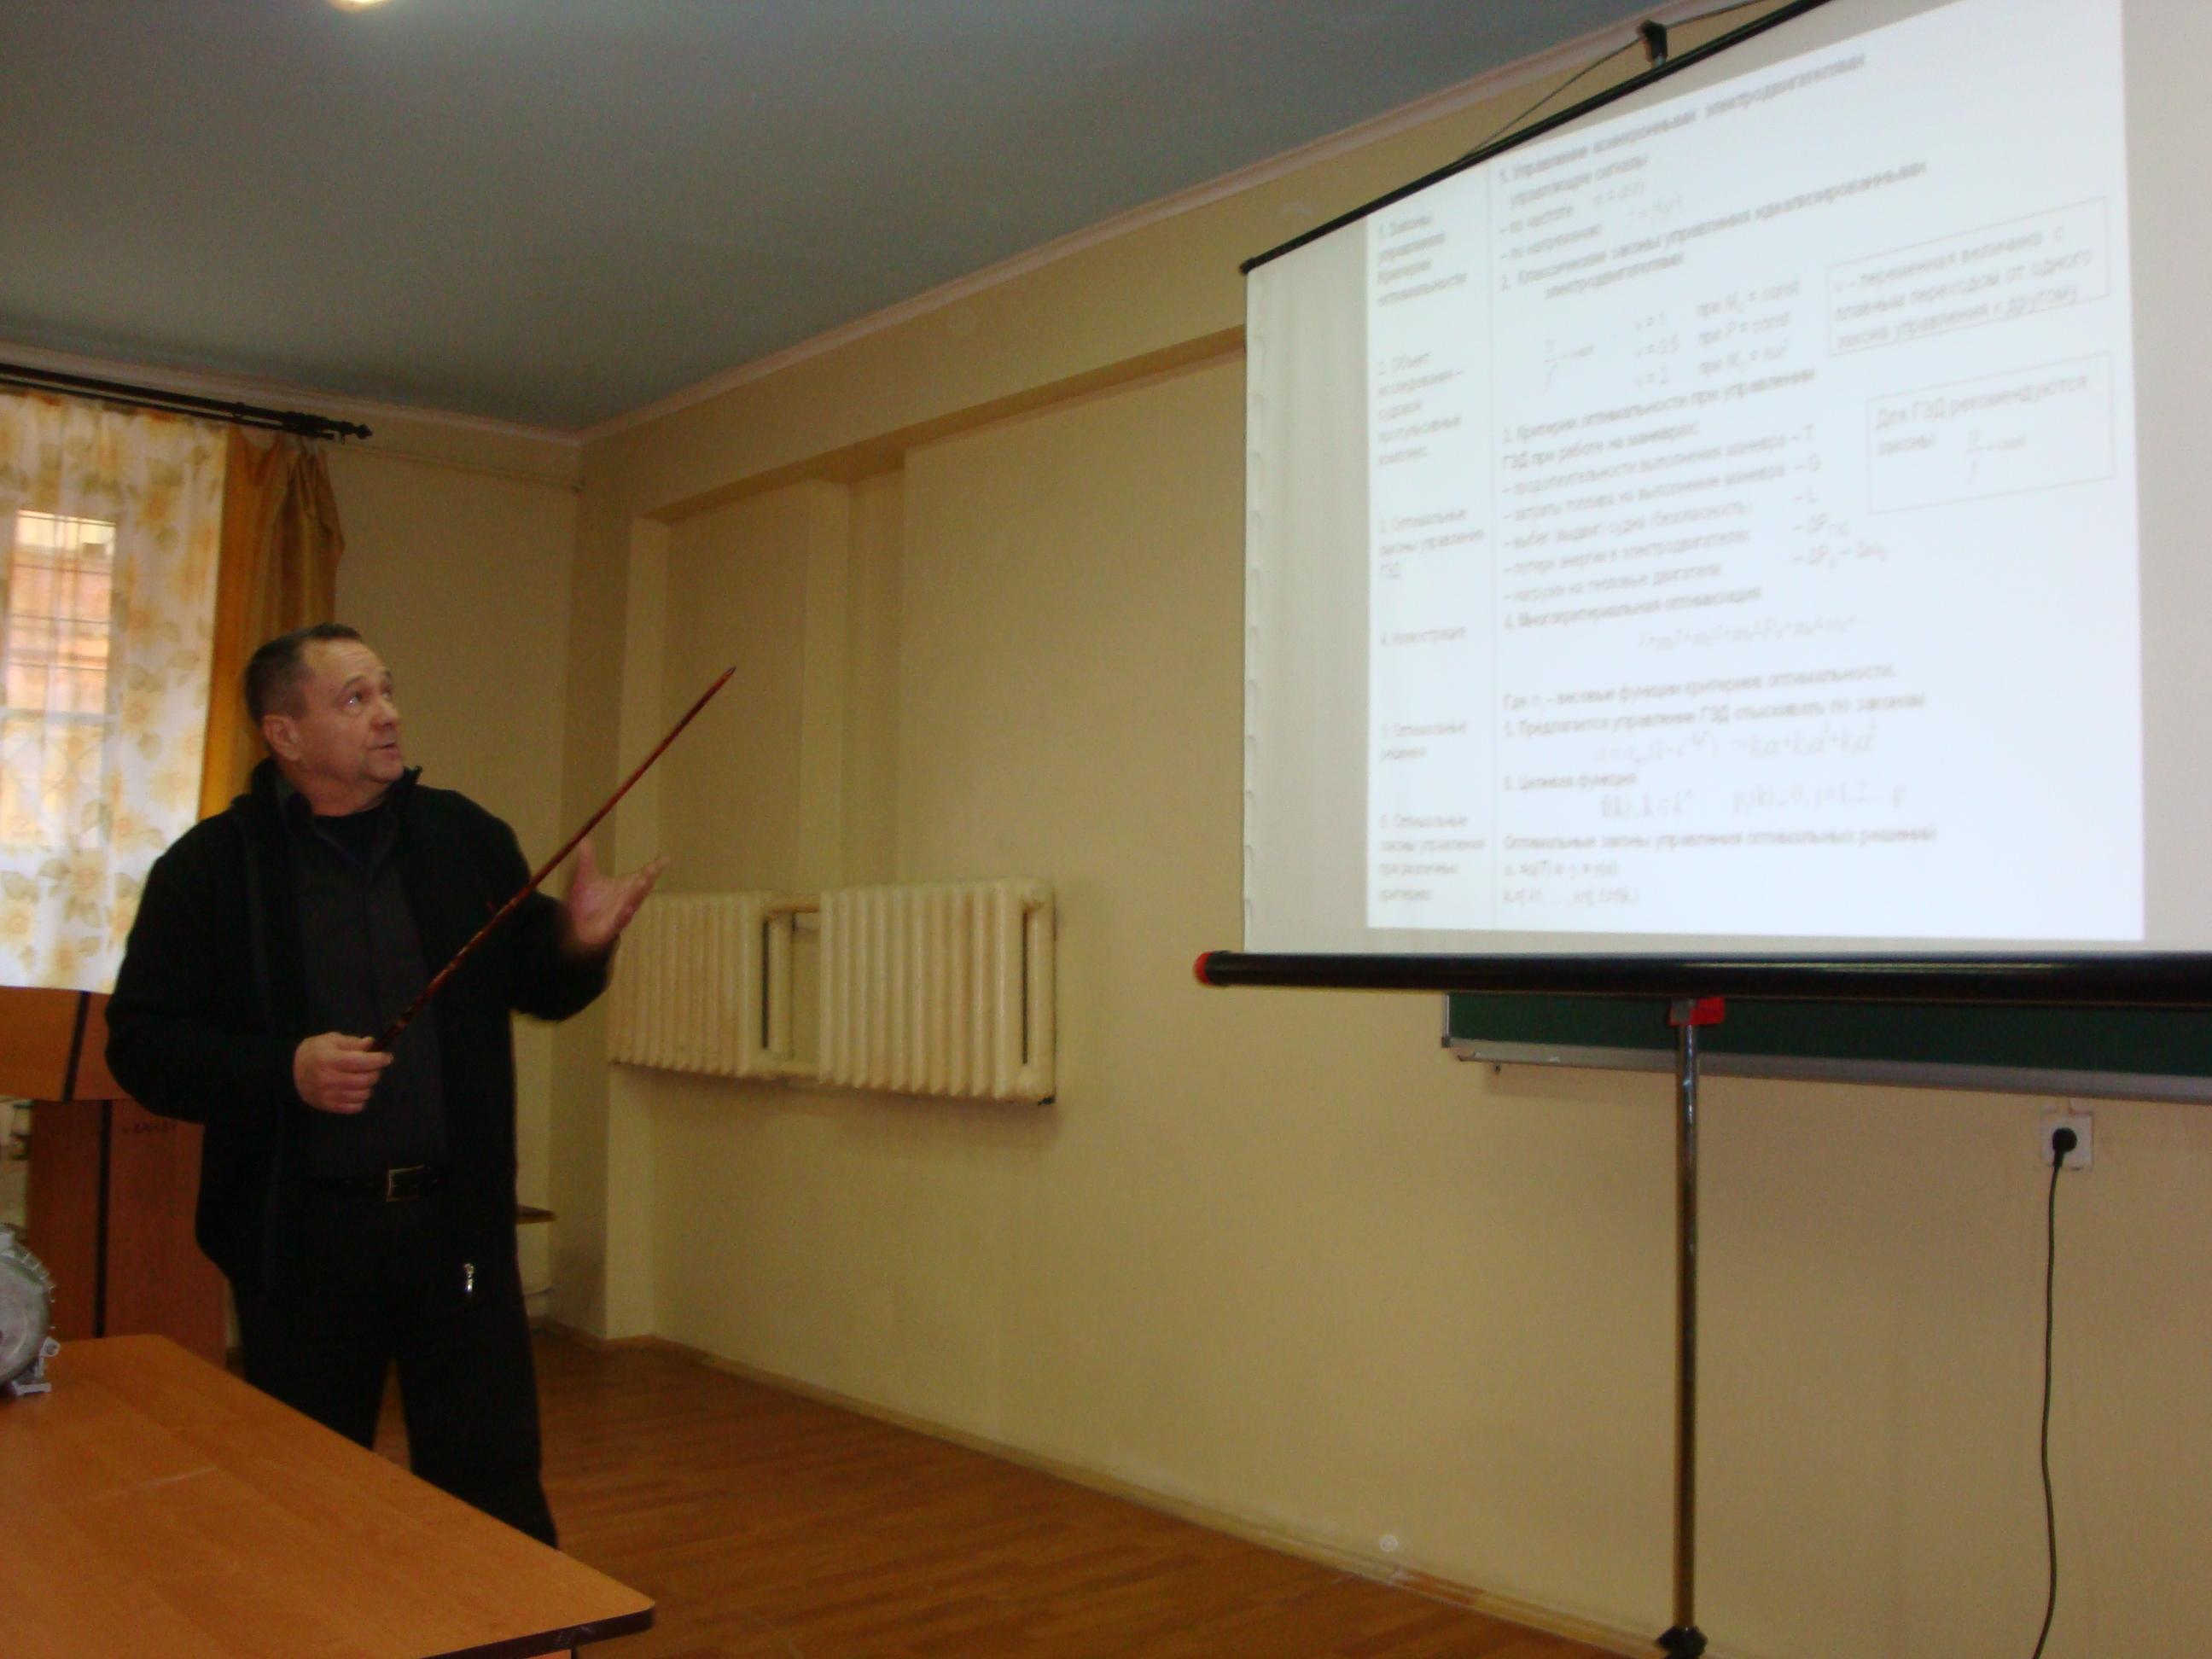 Проф. Яровенко В.А. (Одесский национальный морской университет, Одесса)